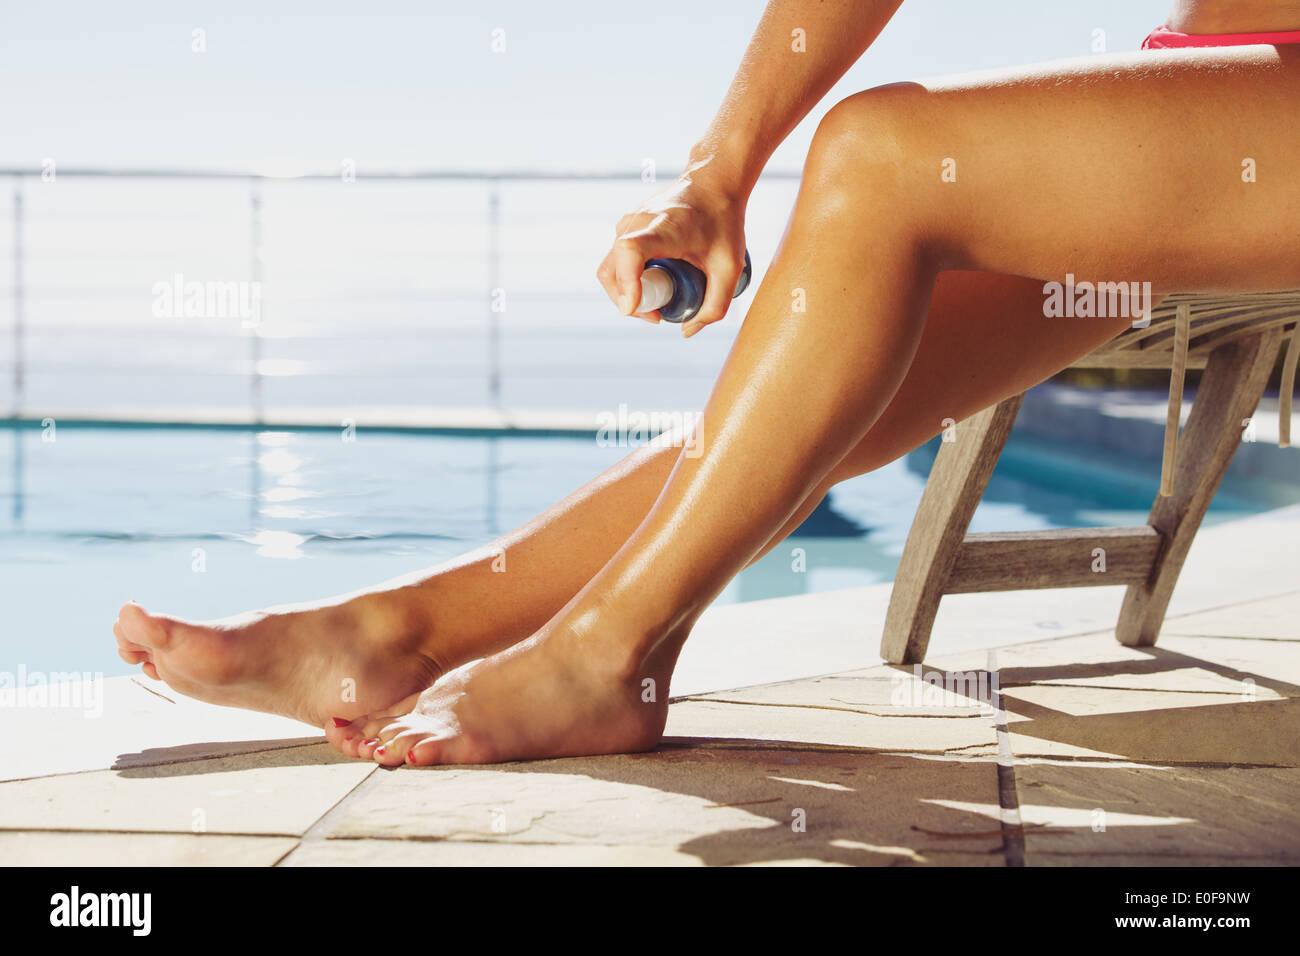 Donna abbronzatura di applicazione a spruzzo sulla sua gambe. Donna seduta sulla sedia reclinabile in piscina e prendere il sole. Immagini Stock